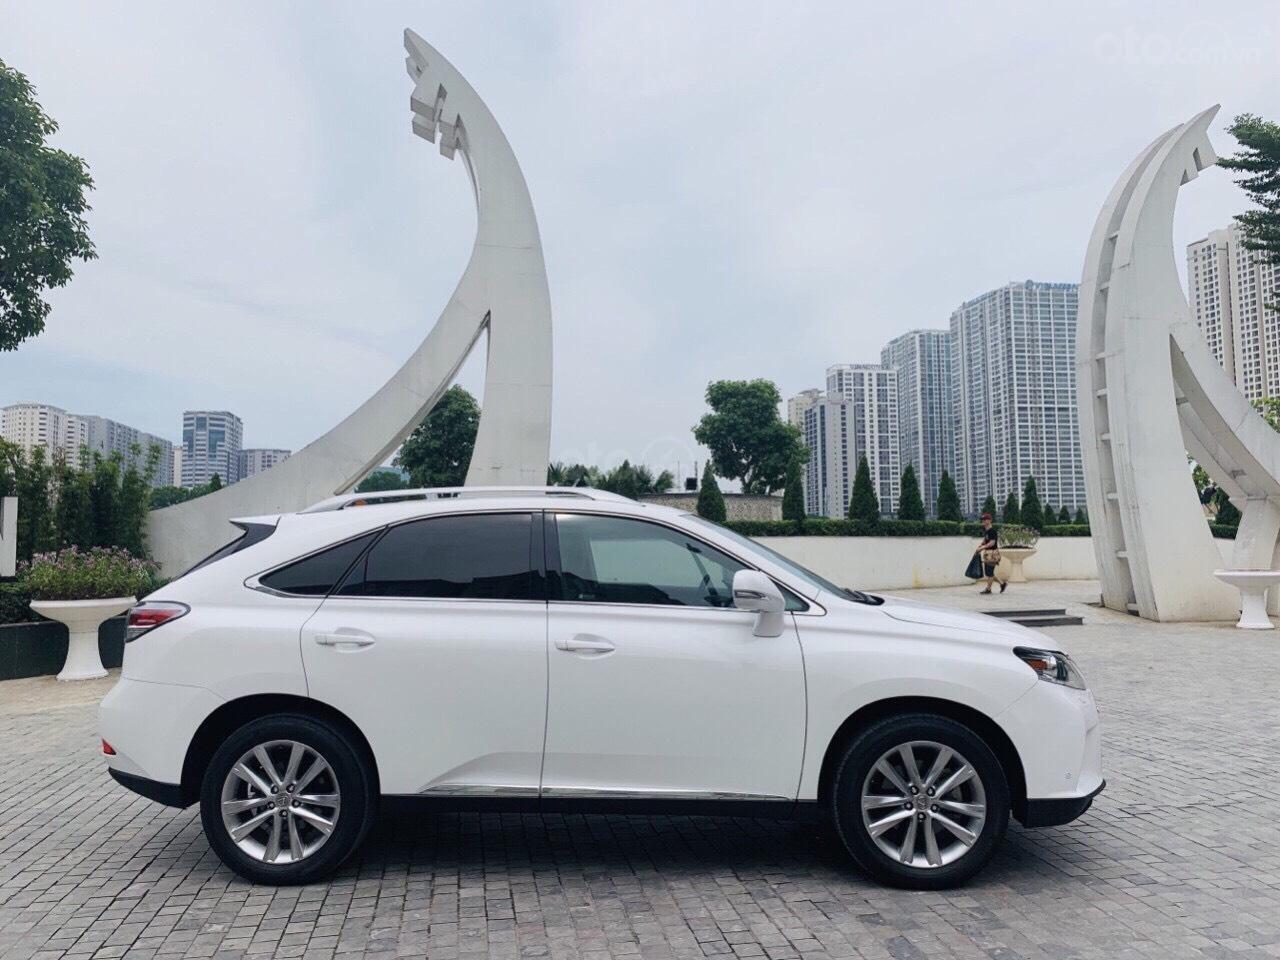 Cần bán xe Lexus RX 350 năm sản xuất 2014, màu trắng, nhập khẩu nguyên chiếc (2)